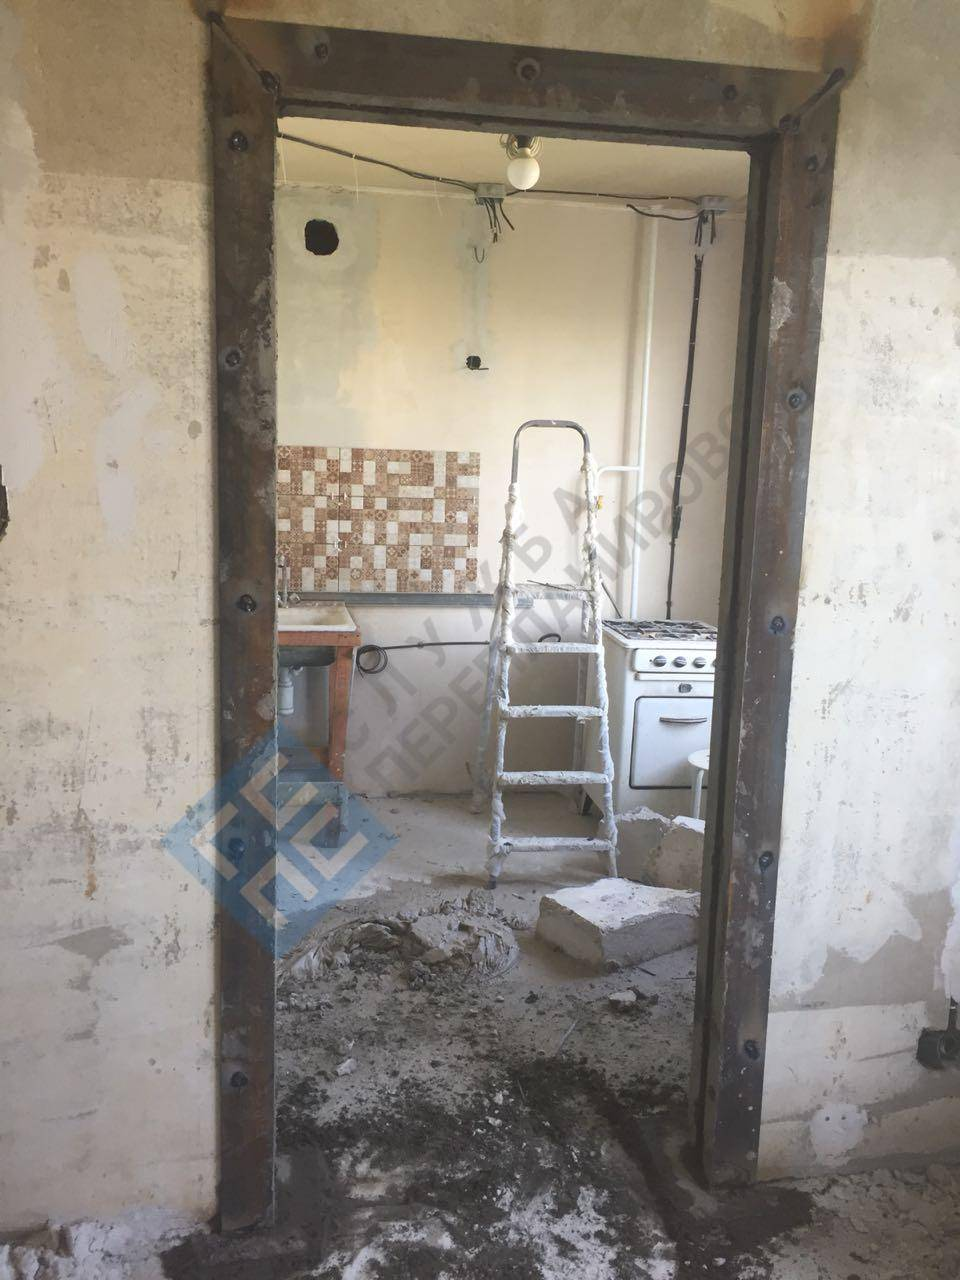 Проемы в несущих стенах для прохода: как сделать дверной проем в бетонной, кирпичной стене панельного или частного дома, пробивка под дверь и устройство капитальной стены